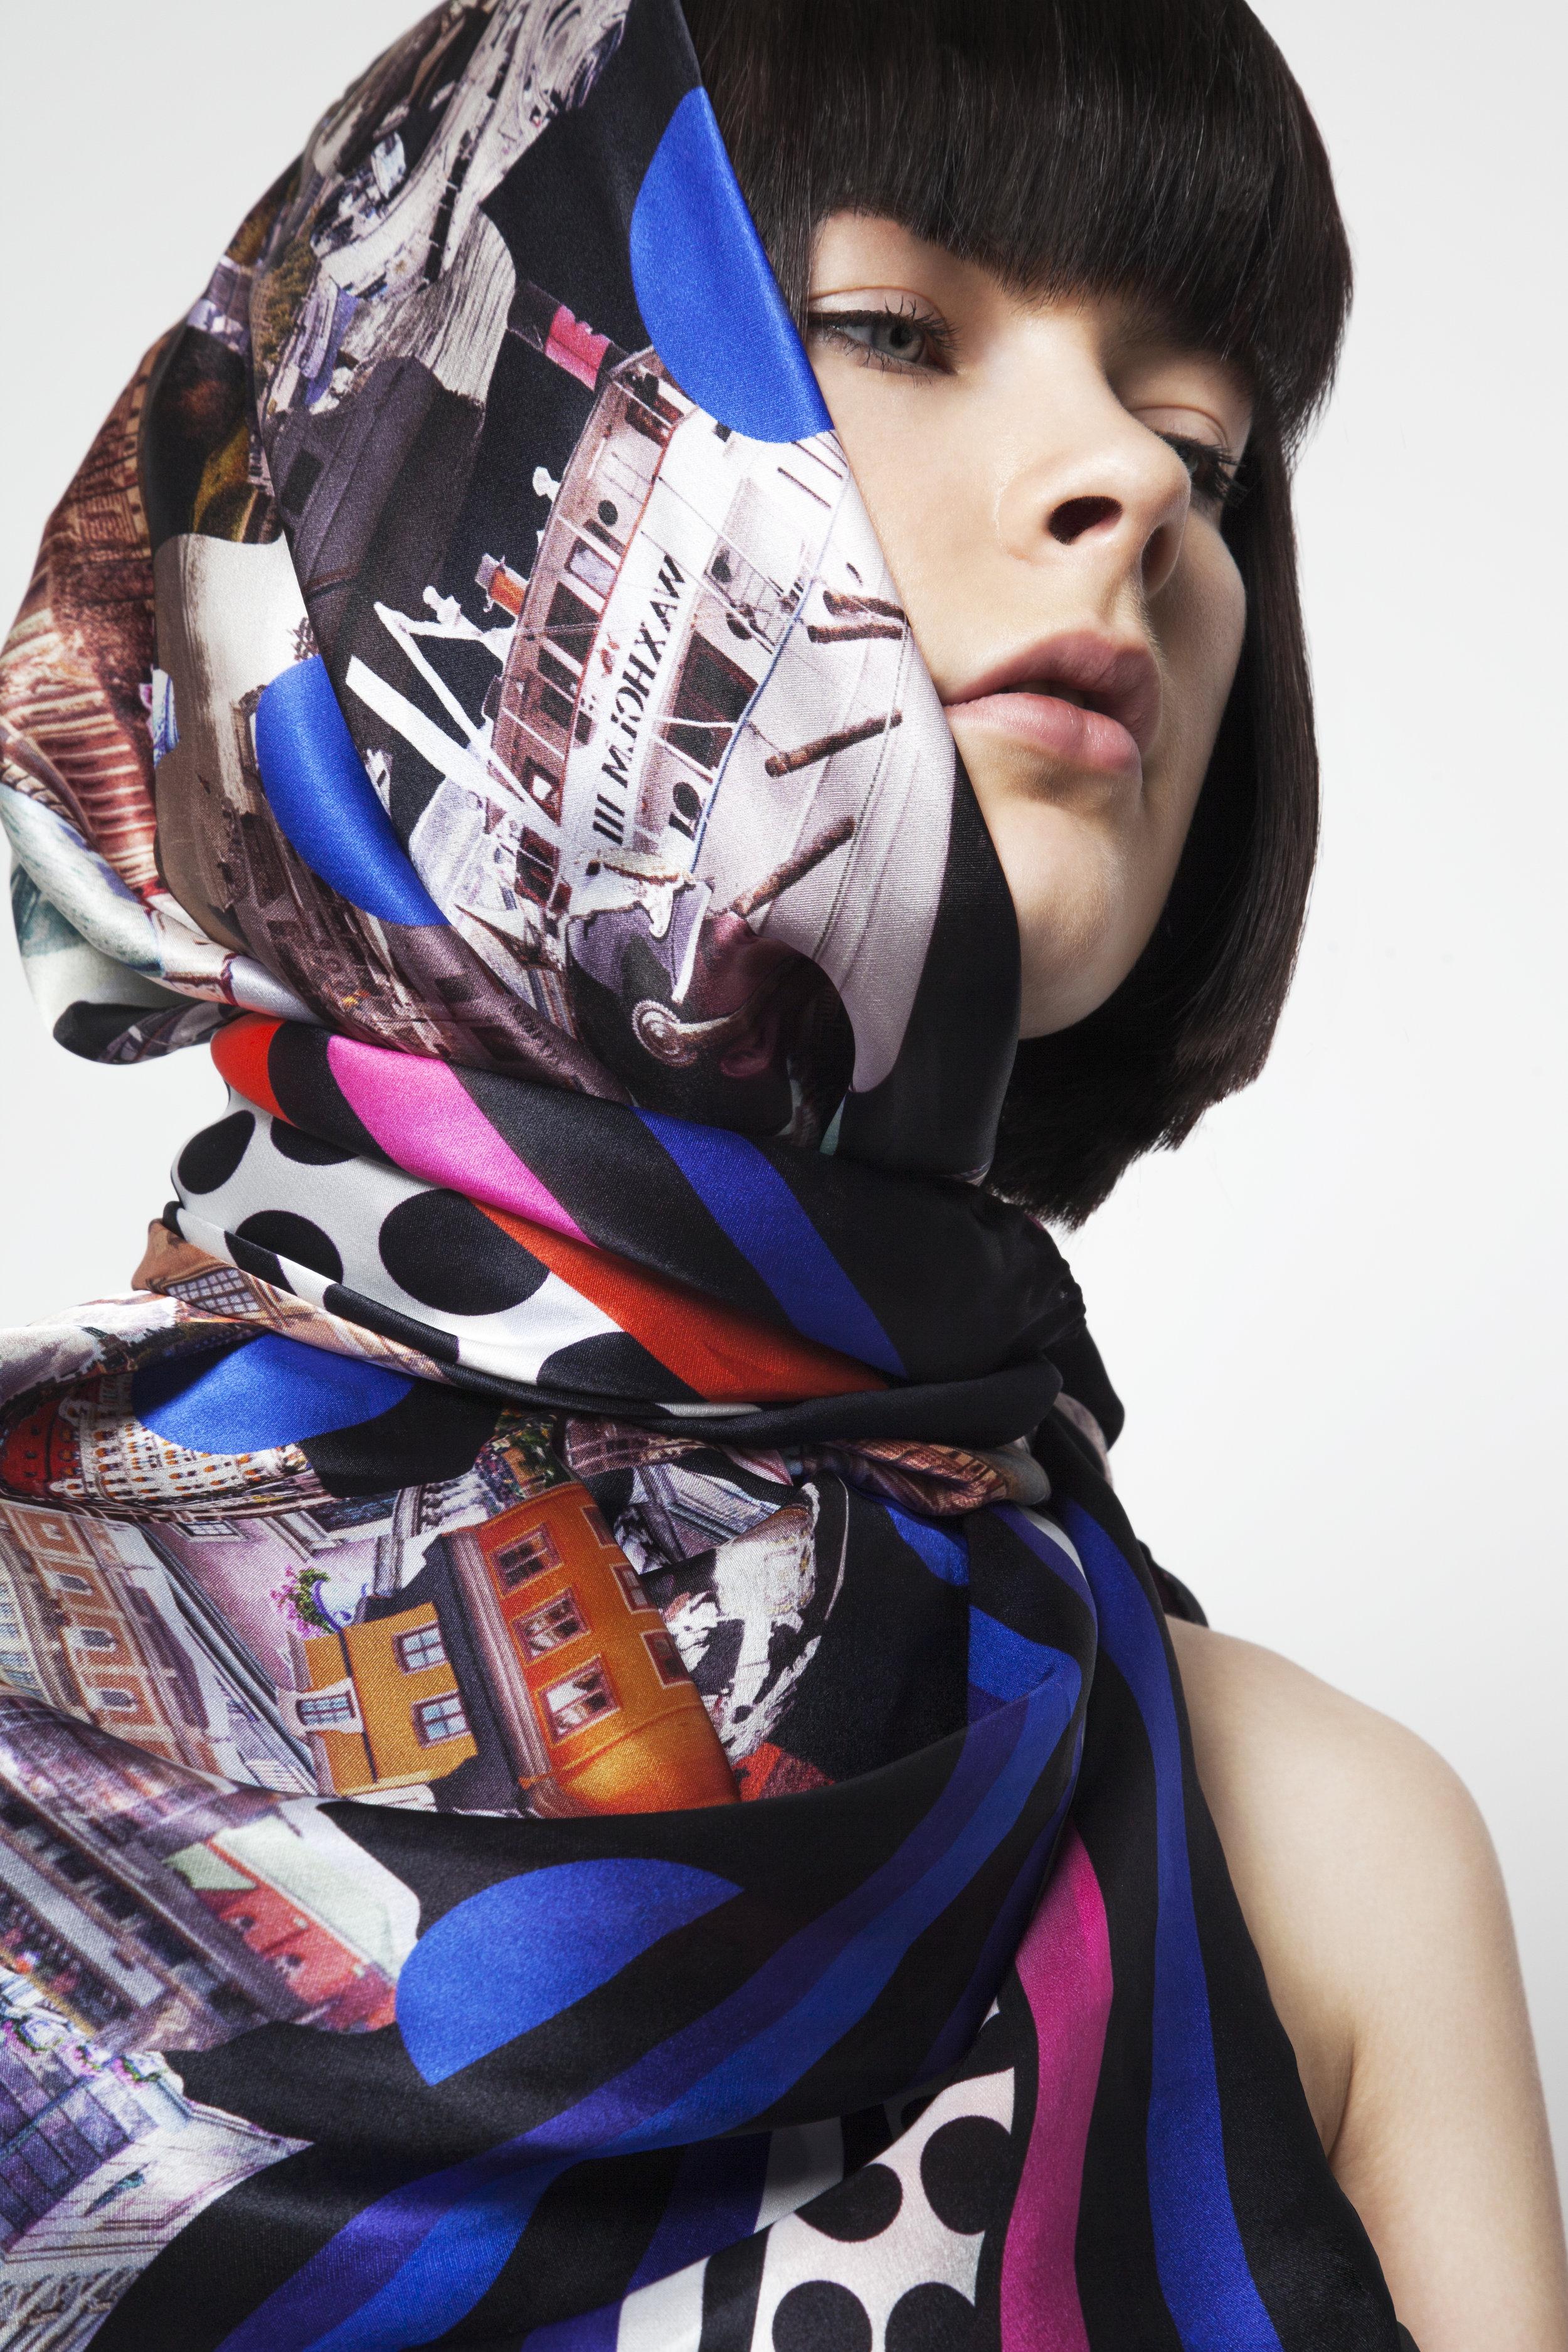 scarf 3 model re-edit.jpg